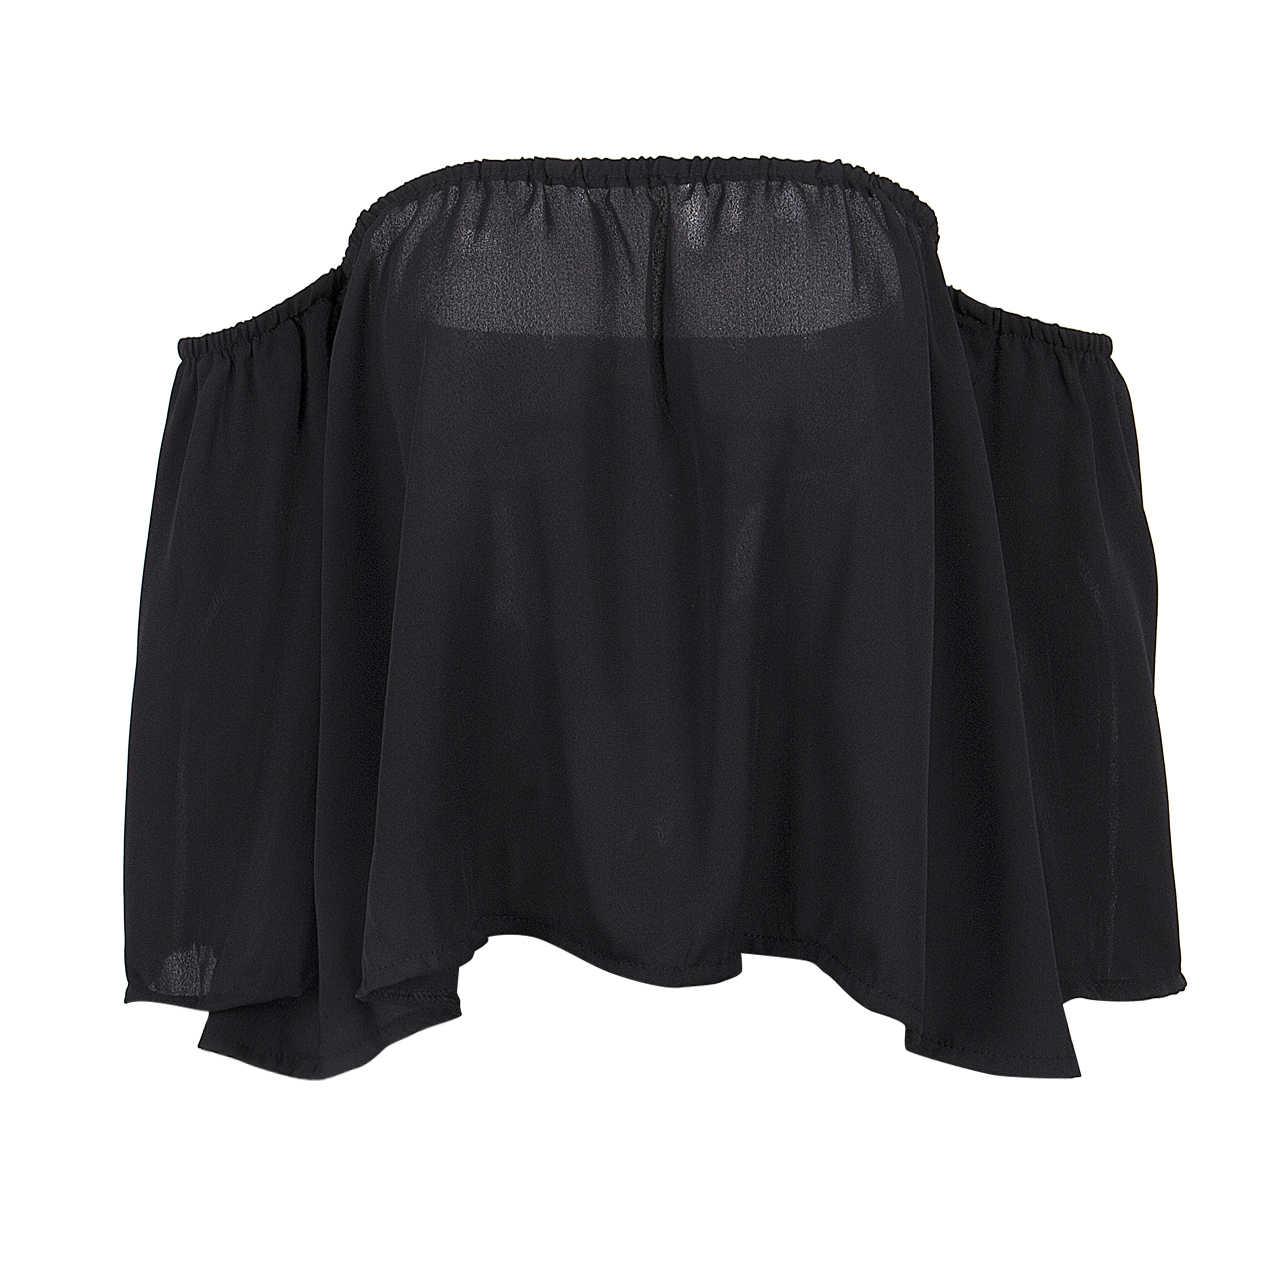 ホット女性の女性の夏レースオフショルダーカジュアルブラウスレディースセクシーな服シャツ